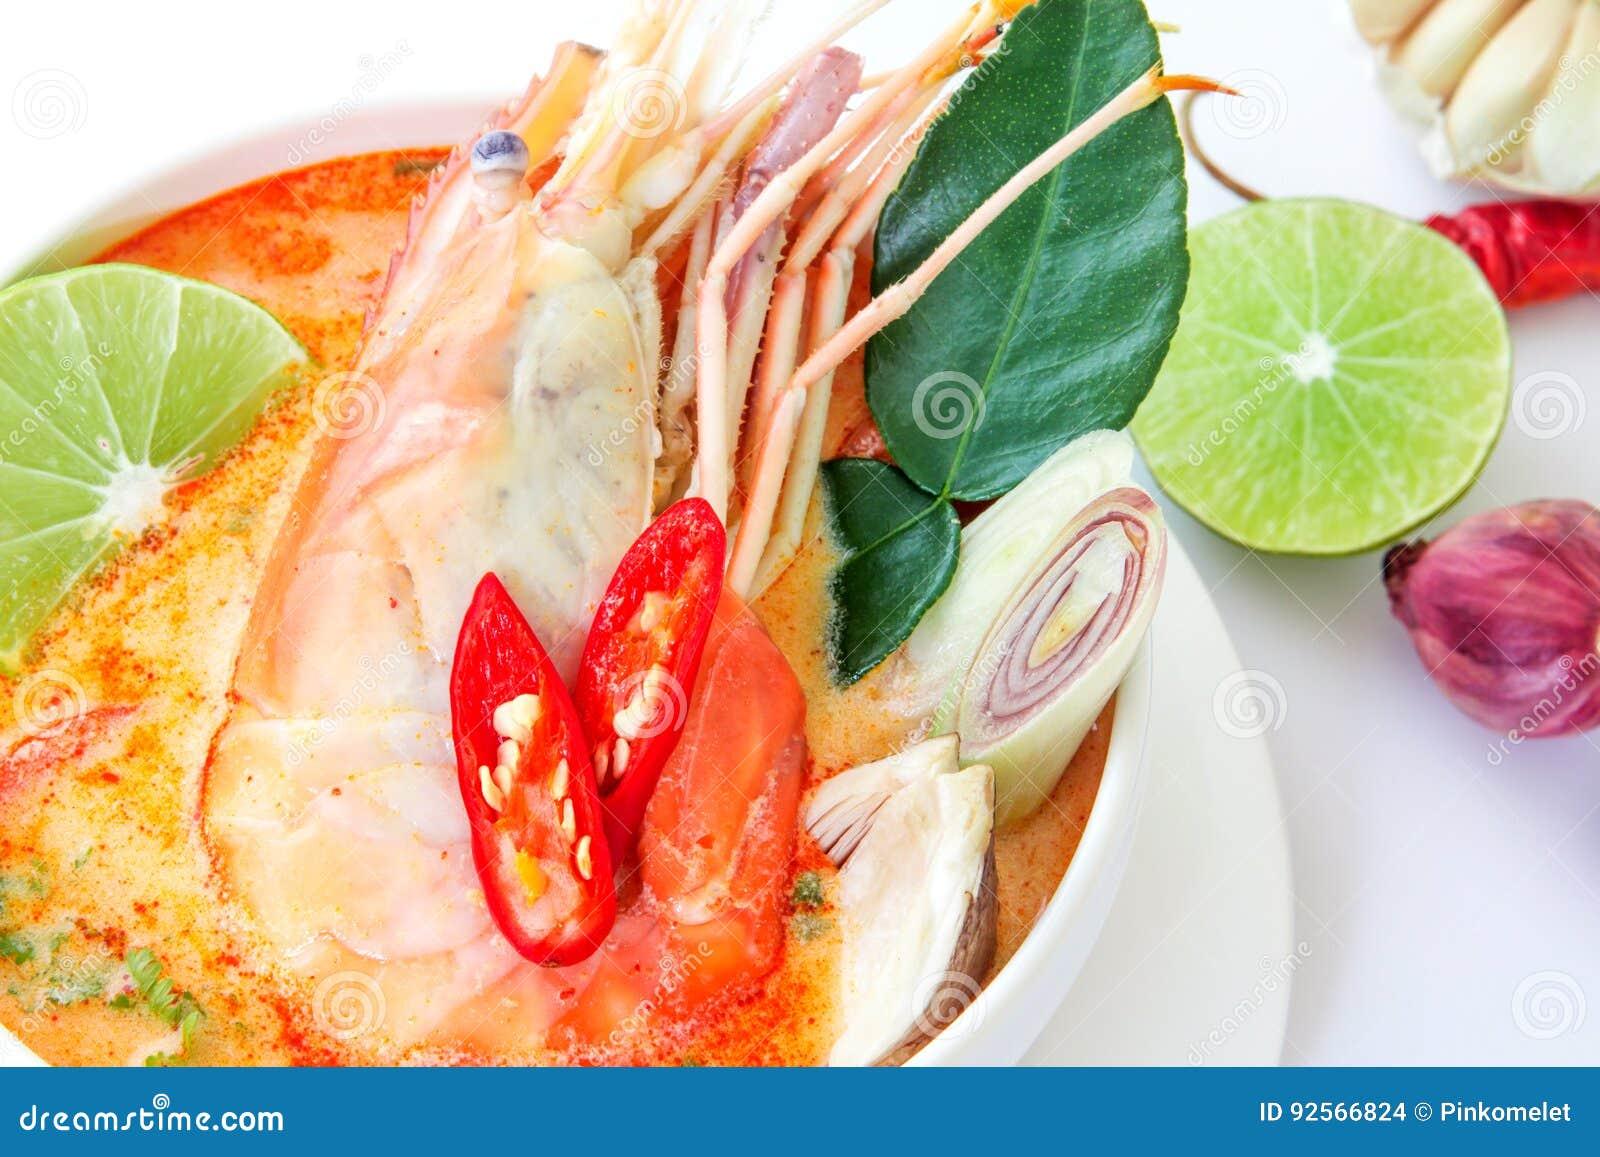 Chiuda su minestra piccante asiatica con gamberetto in ciotola bianca, Tha famoso